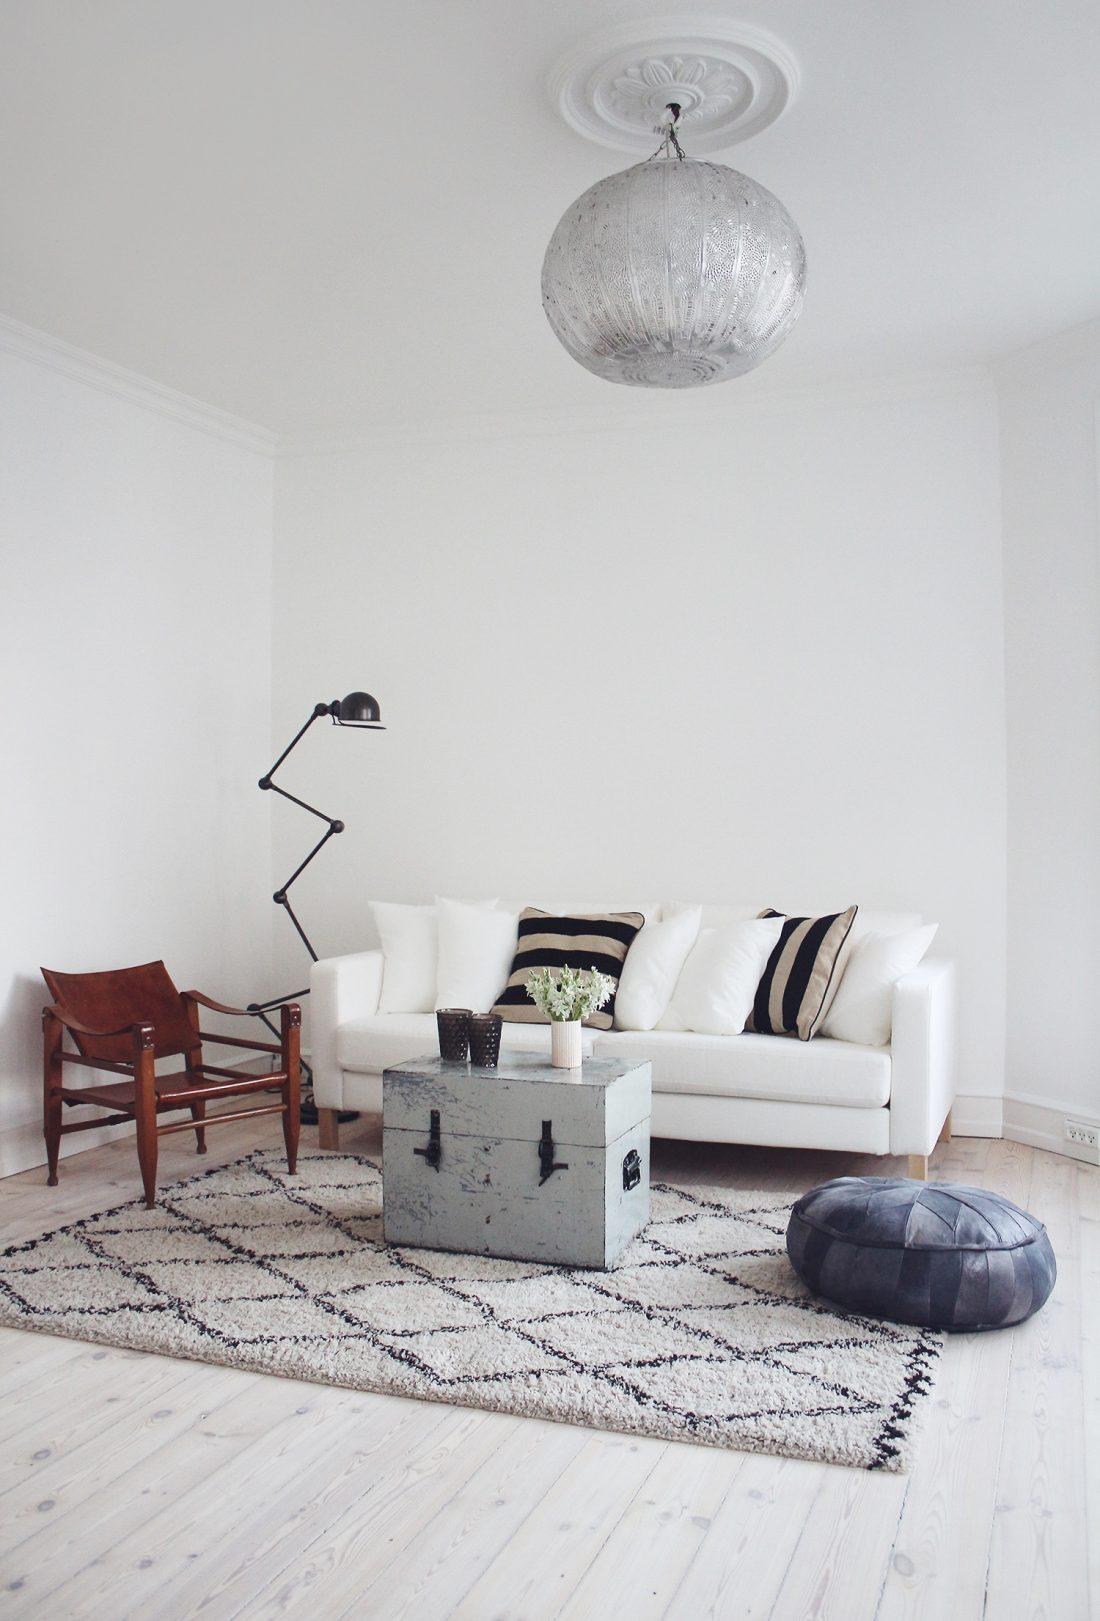 livingroom@2x.jpg